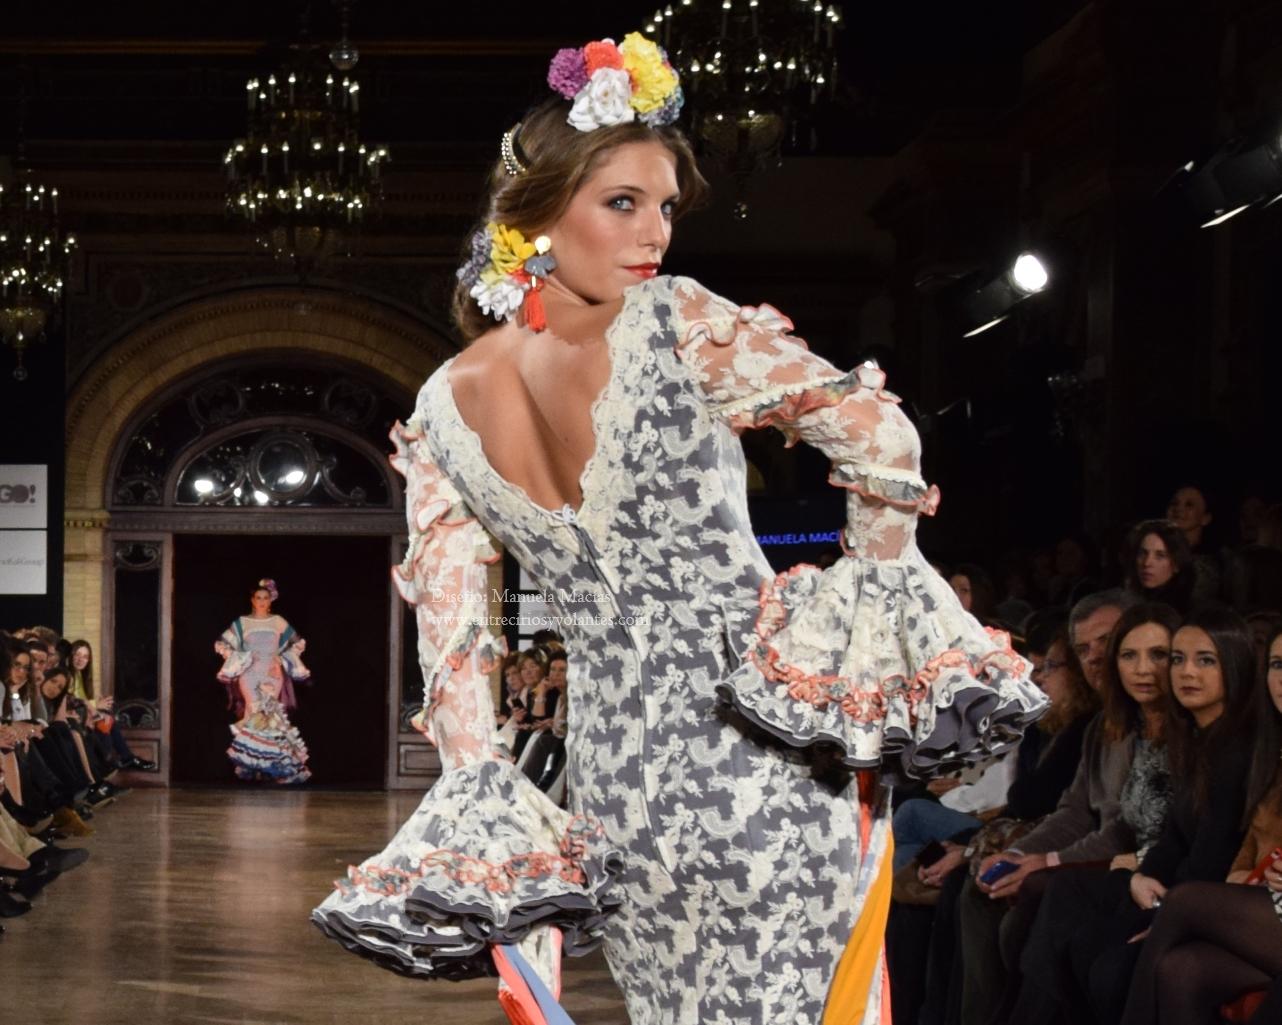 manuela-macias-trajes-de-flamenca-2016-entre-cirios-y-volantes